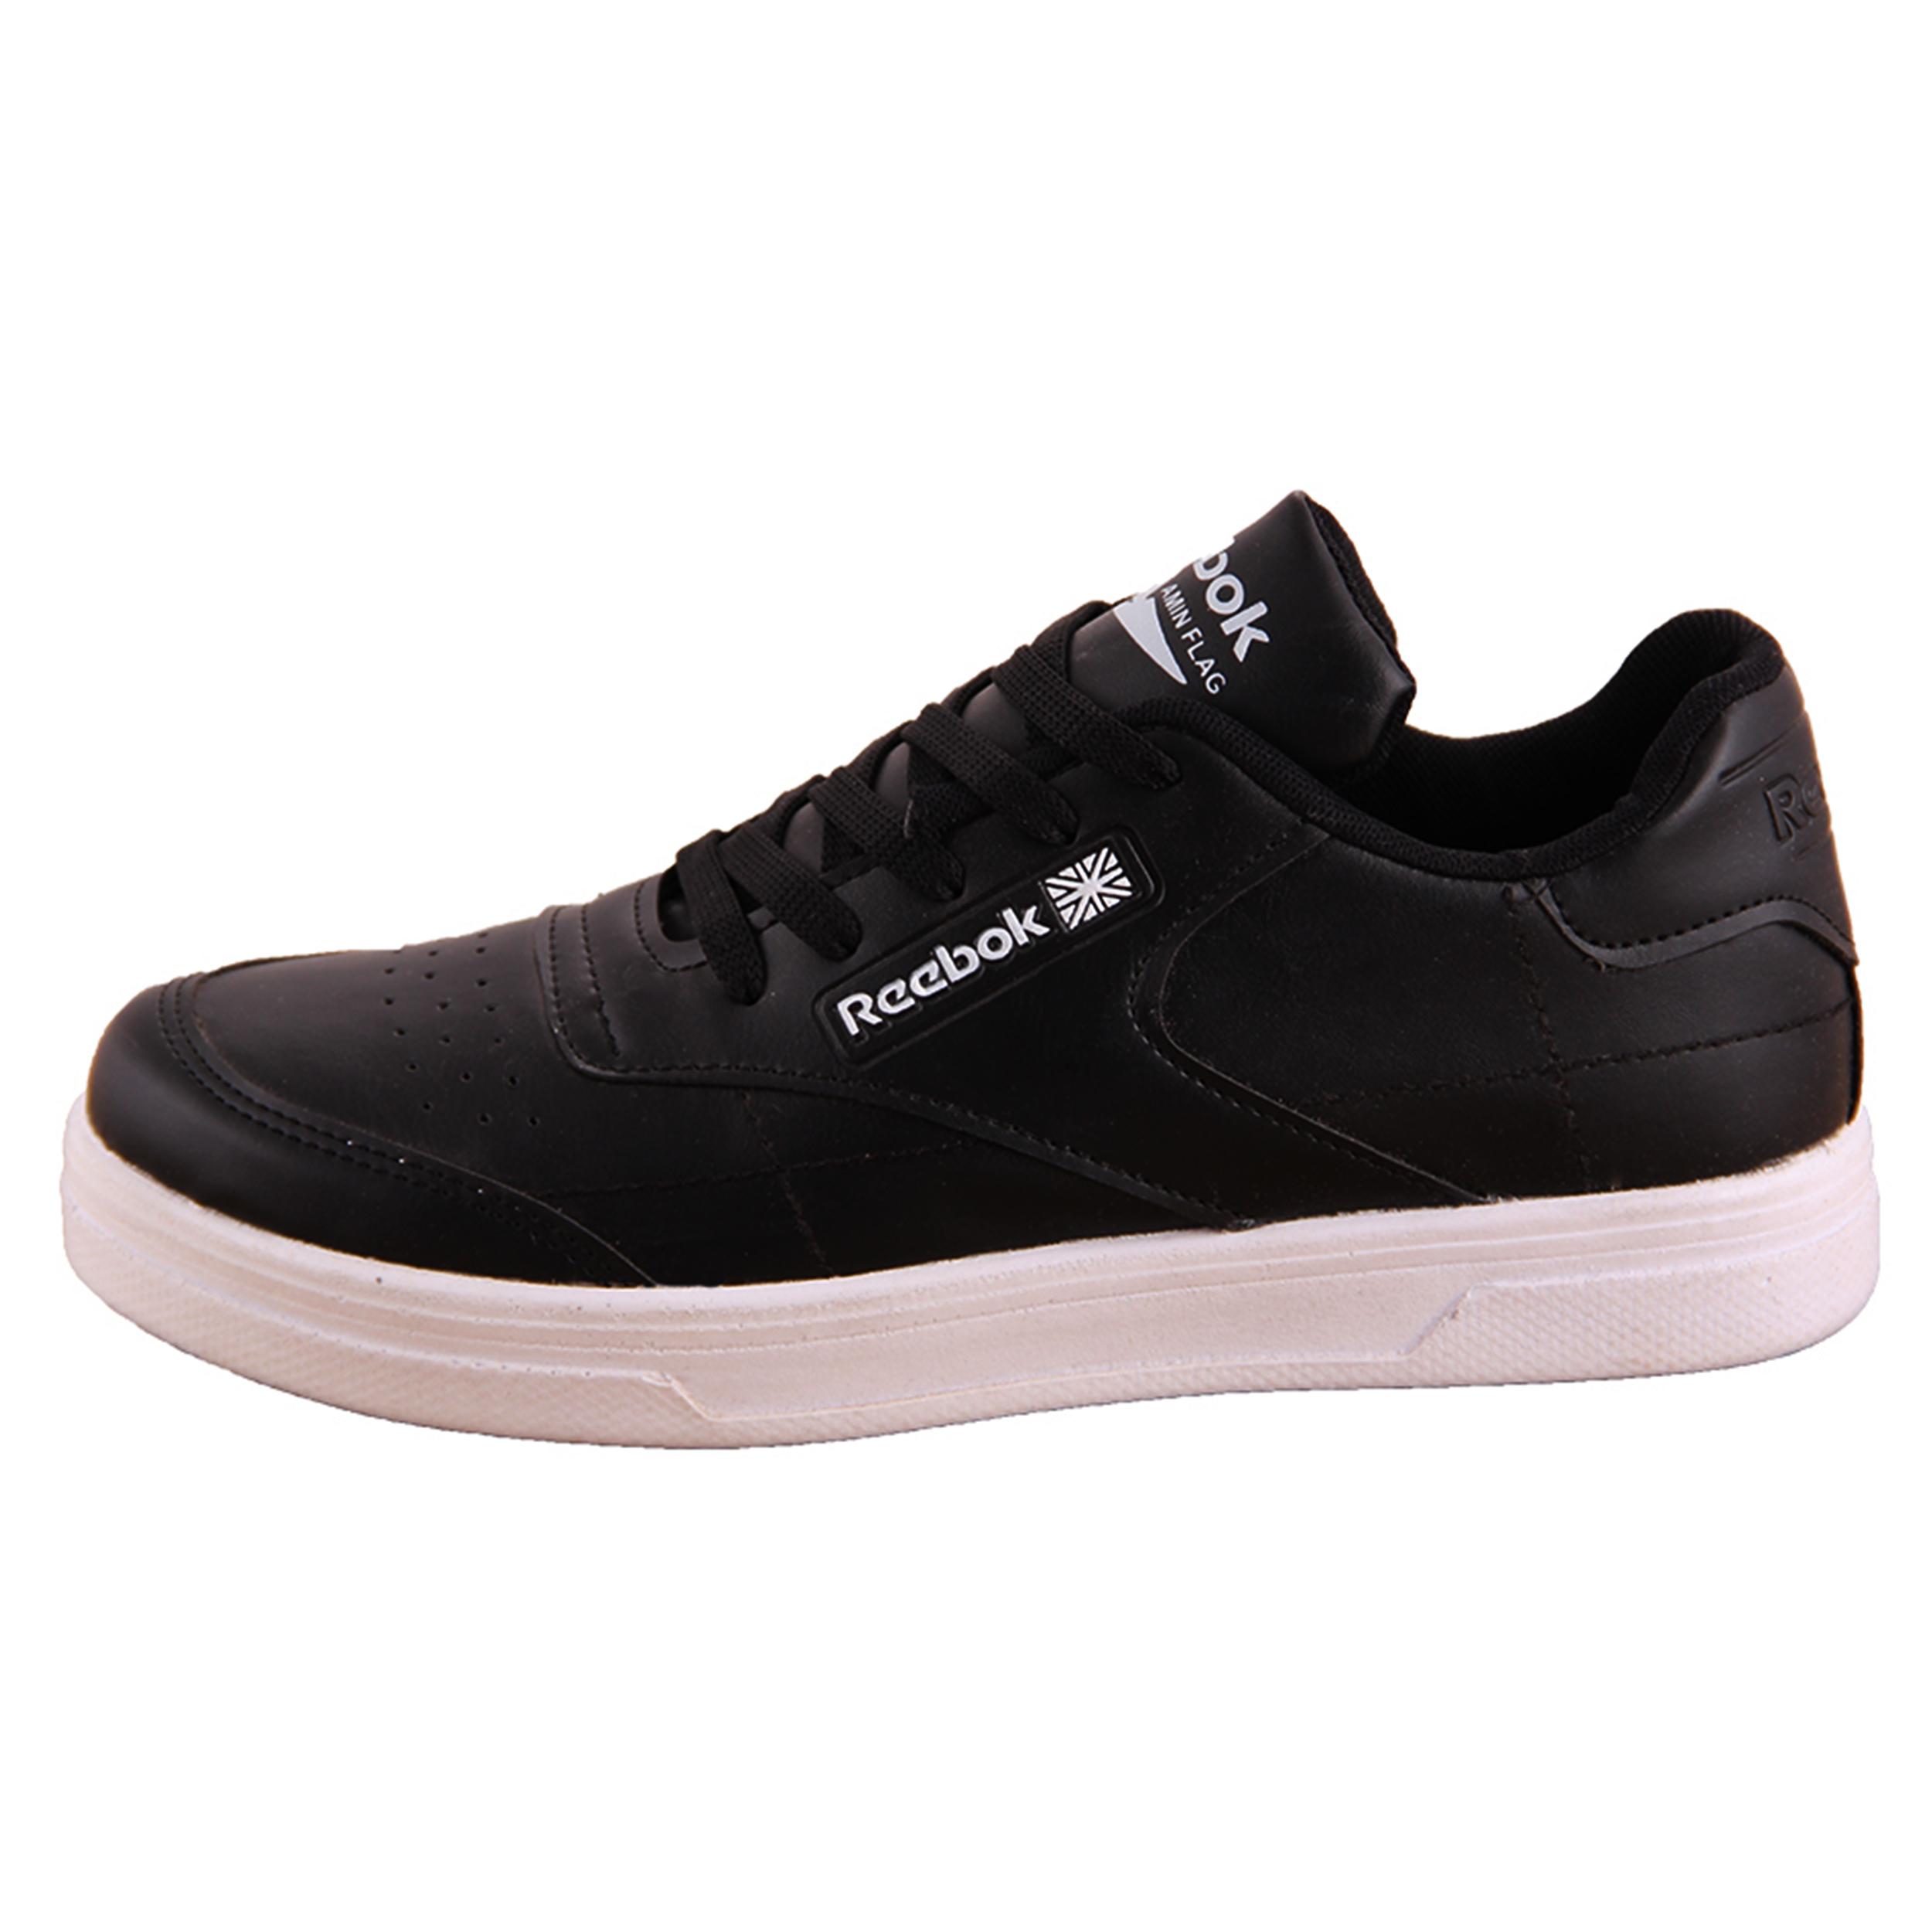 کفش راحتی مردانه کد 1-39770